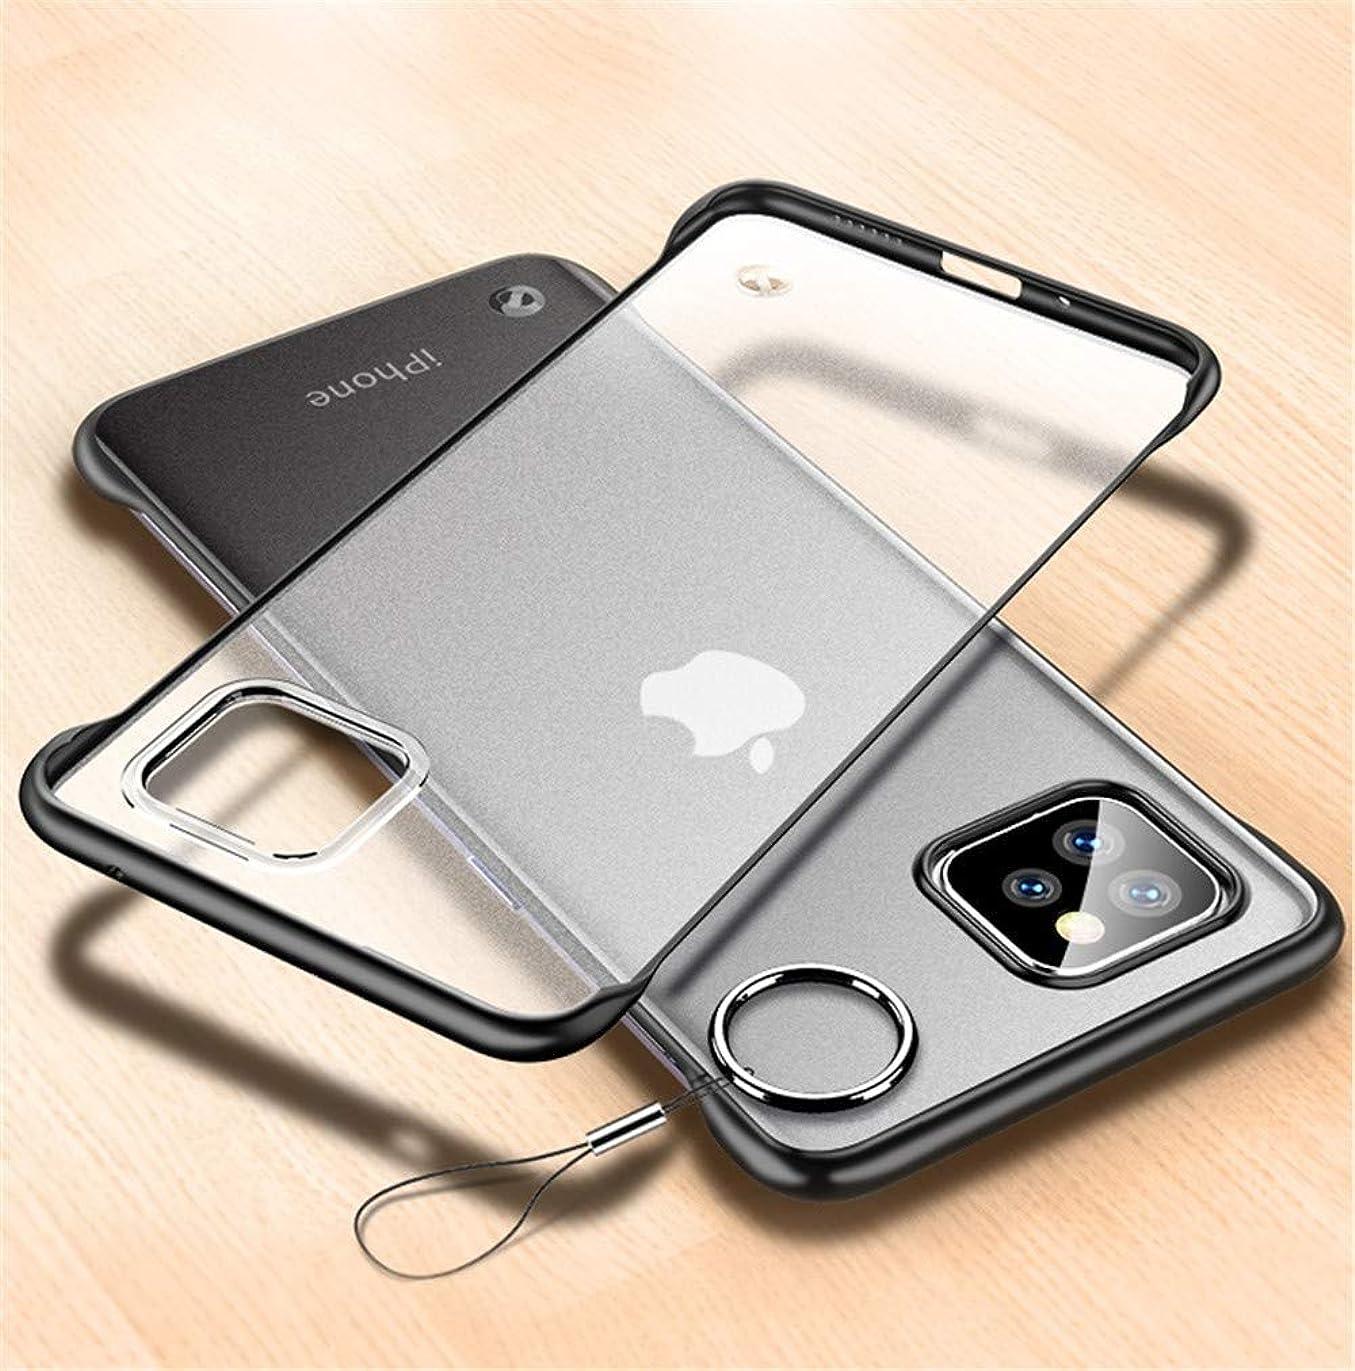 エンジニア洗練されたおとこ極薄 2019 iPhone11 Pro 5.8インチ ケース フレームなし マット仕上げ 指紋防止 クリア 透明 ソフト TPU リング ストラップ付きiPhone11 Pro アイフォン11プロ アイフォン11プロ カバー 艶消し 枠なし お洒落PODITAGI (iPhone11 Pro, ブラック)